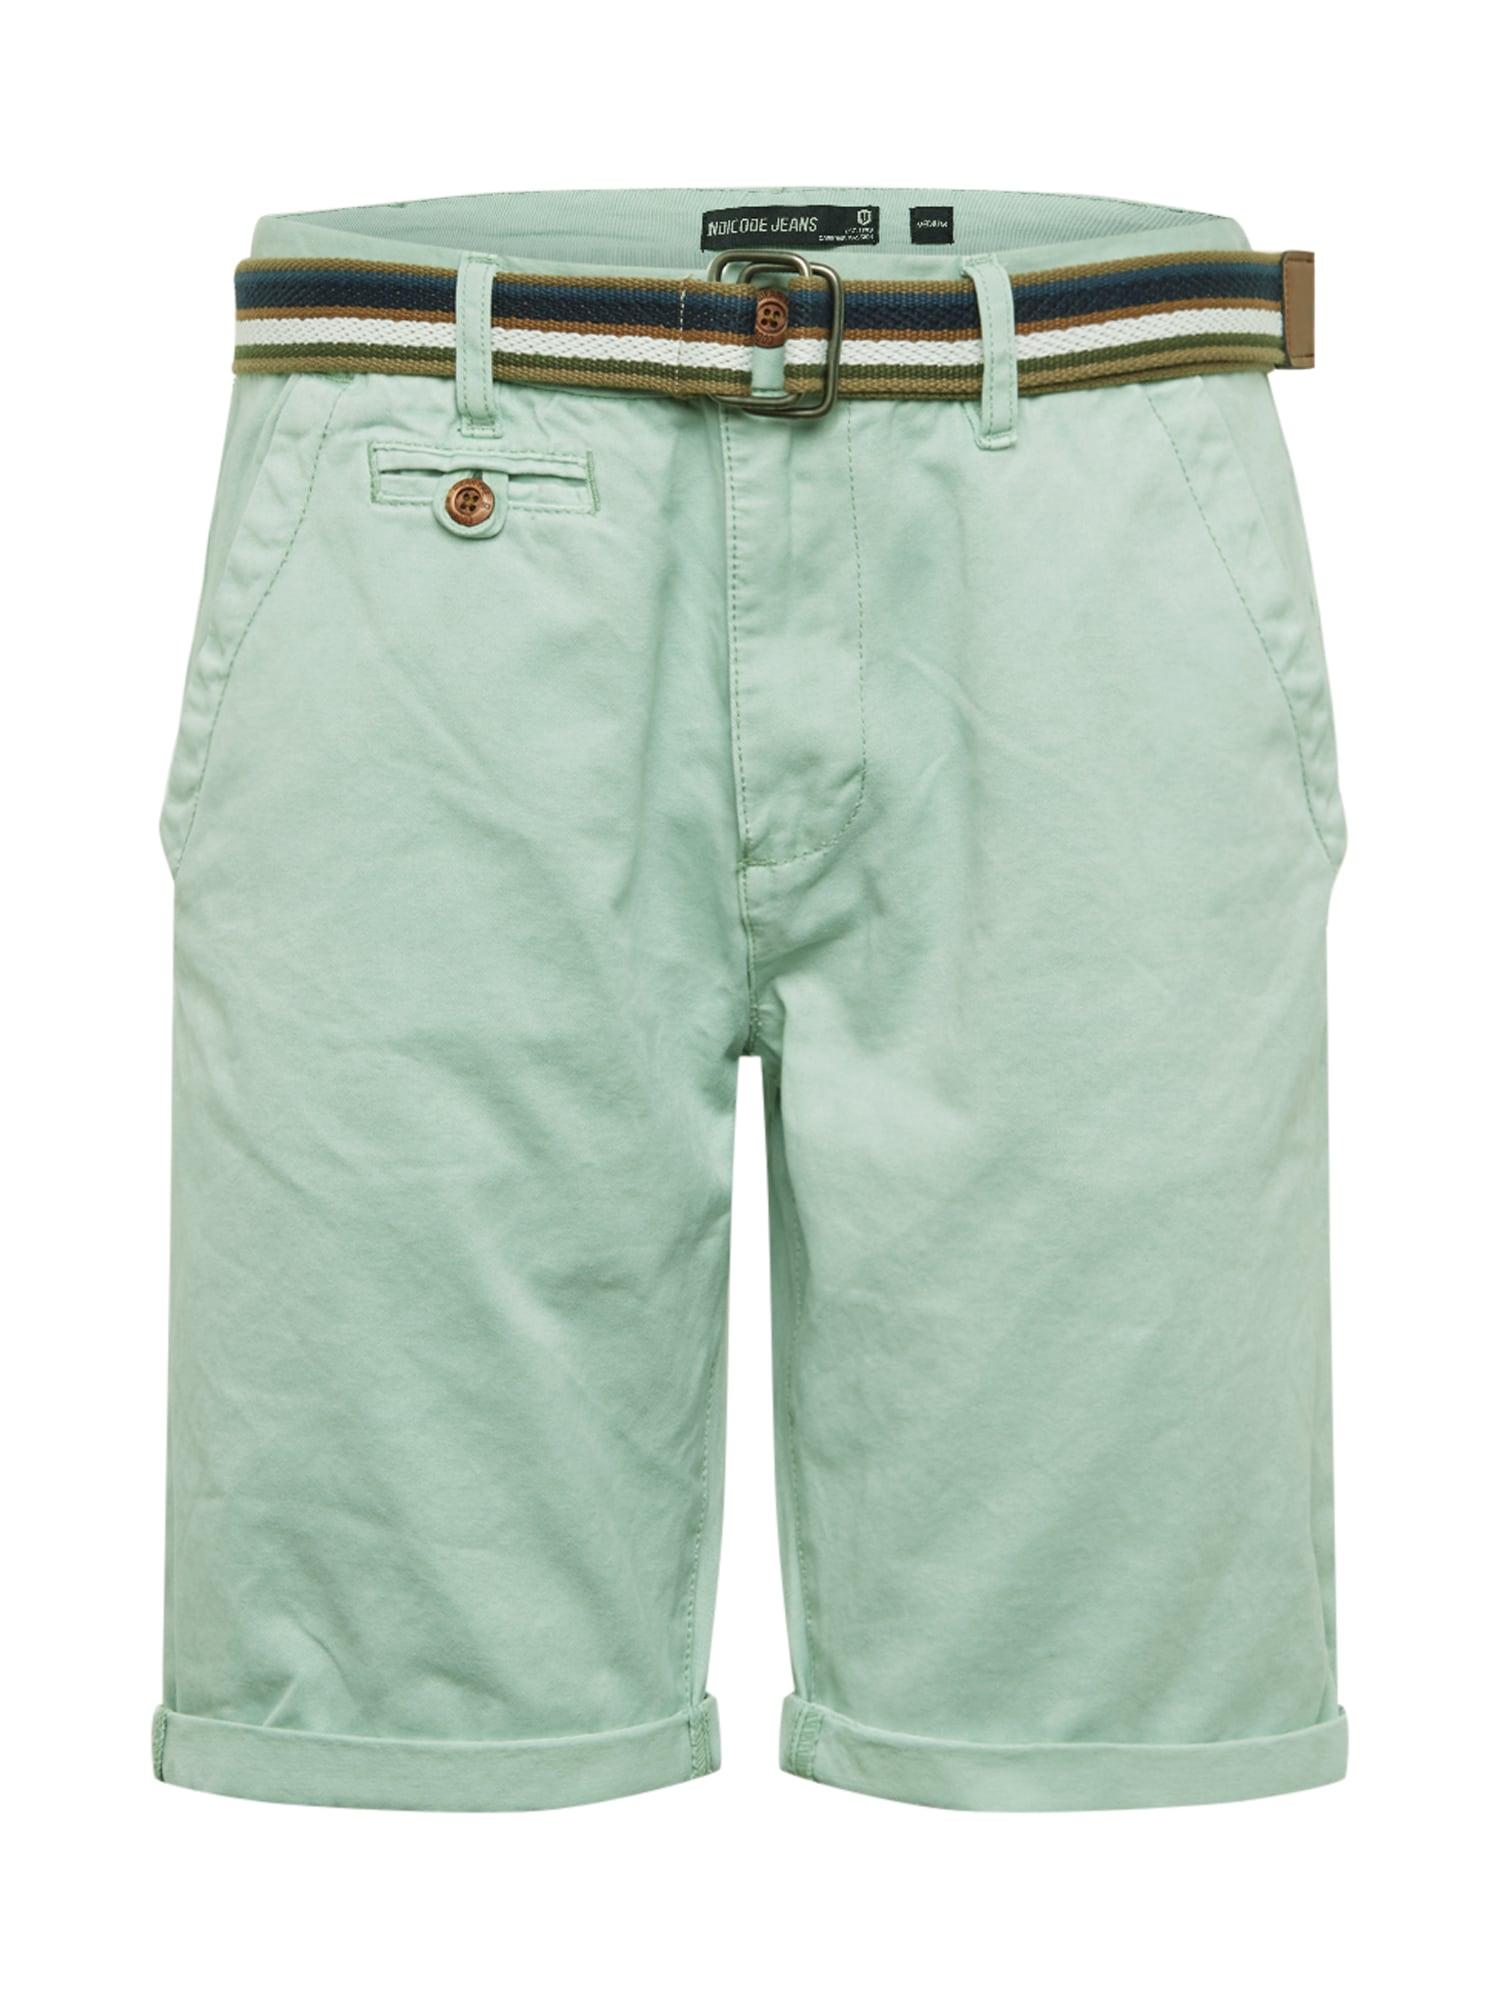 INDICODE JEANS Chino stiliaus kelnės 'Royce' mėtų spalva